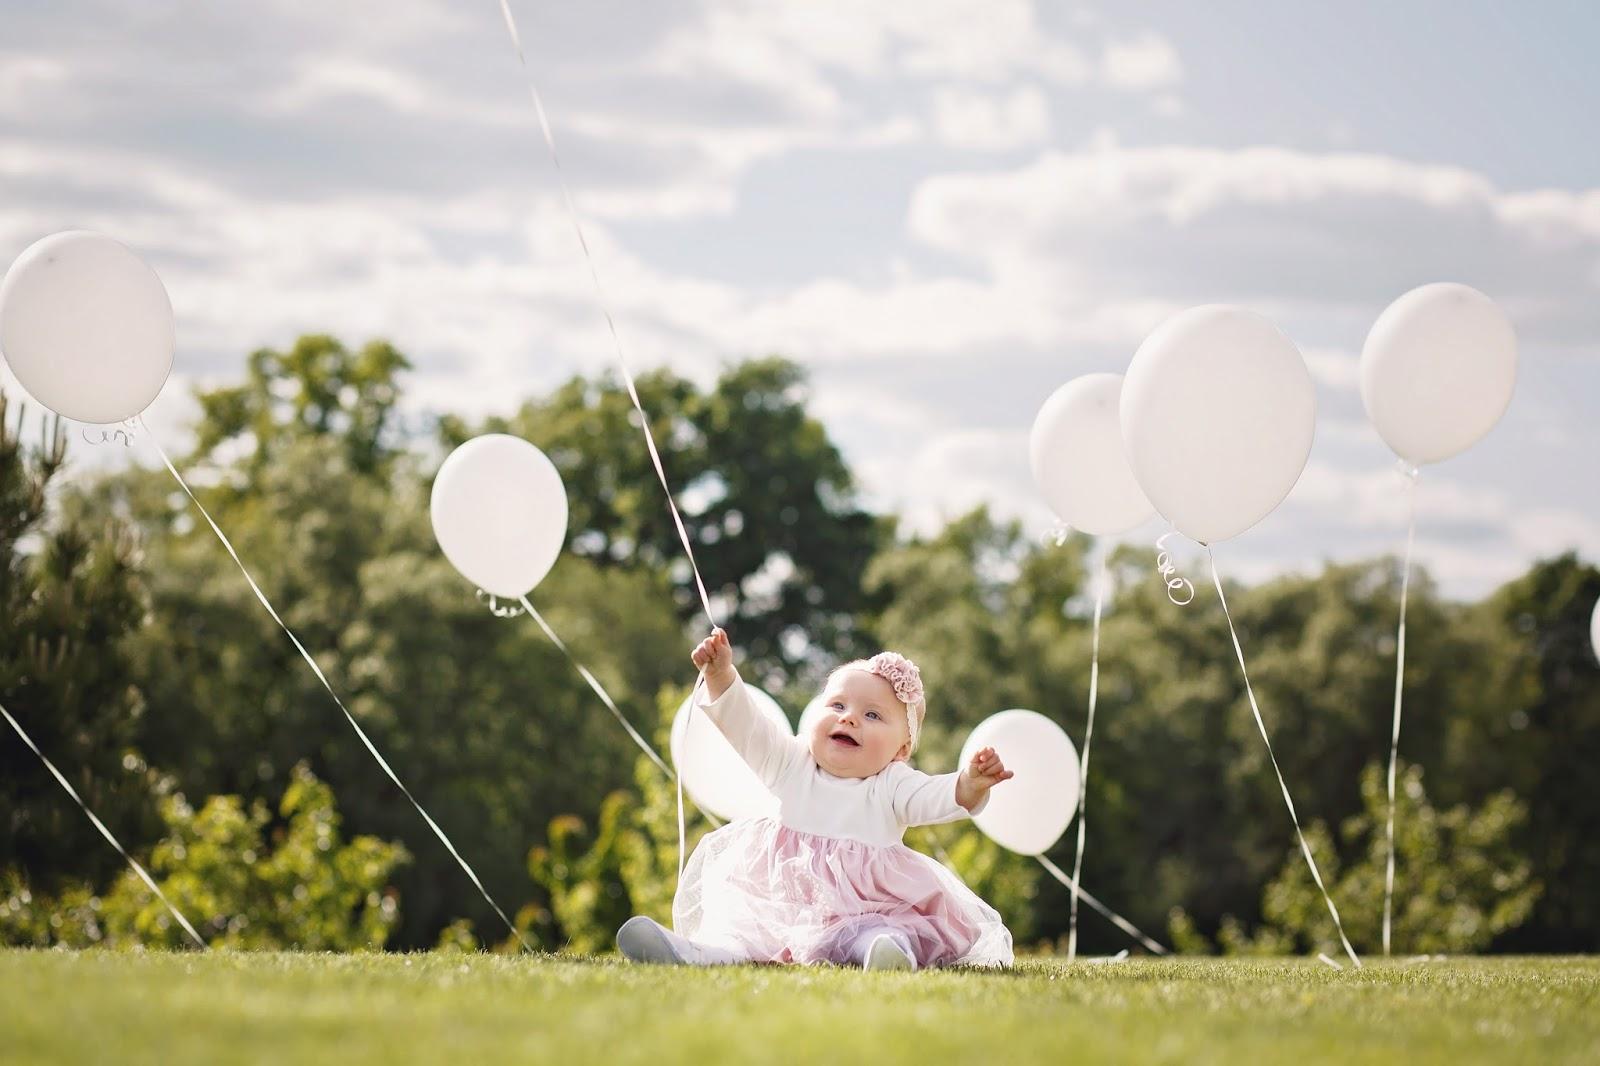 Krikštynų fotosesija su balionais